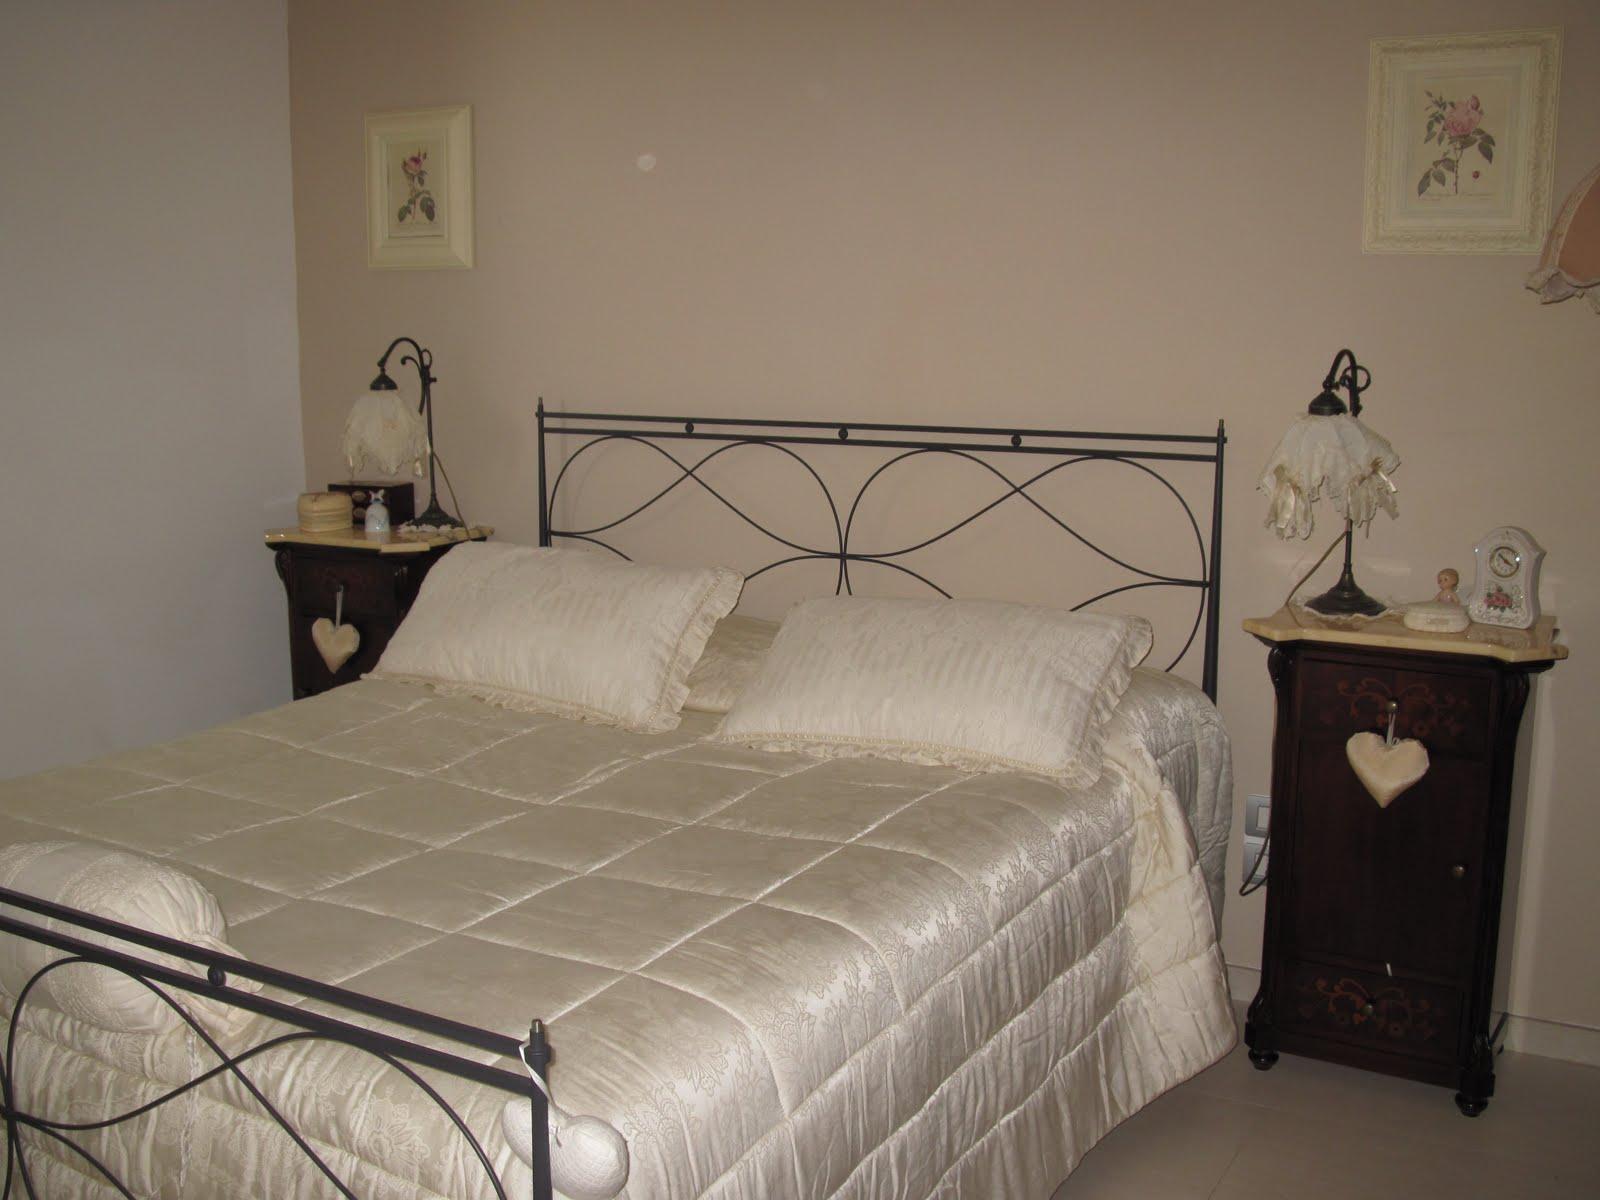 Shabby, amore e fantasia: La mia camera da letto